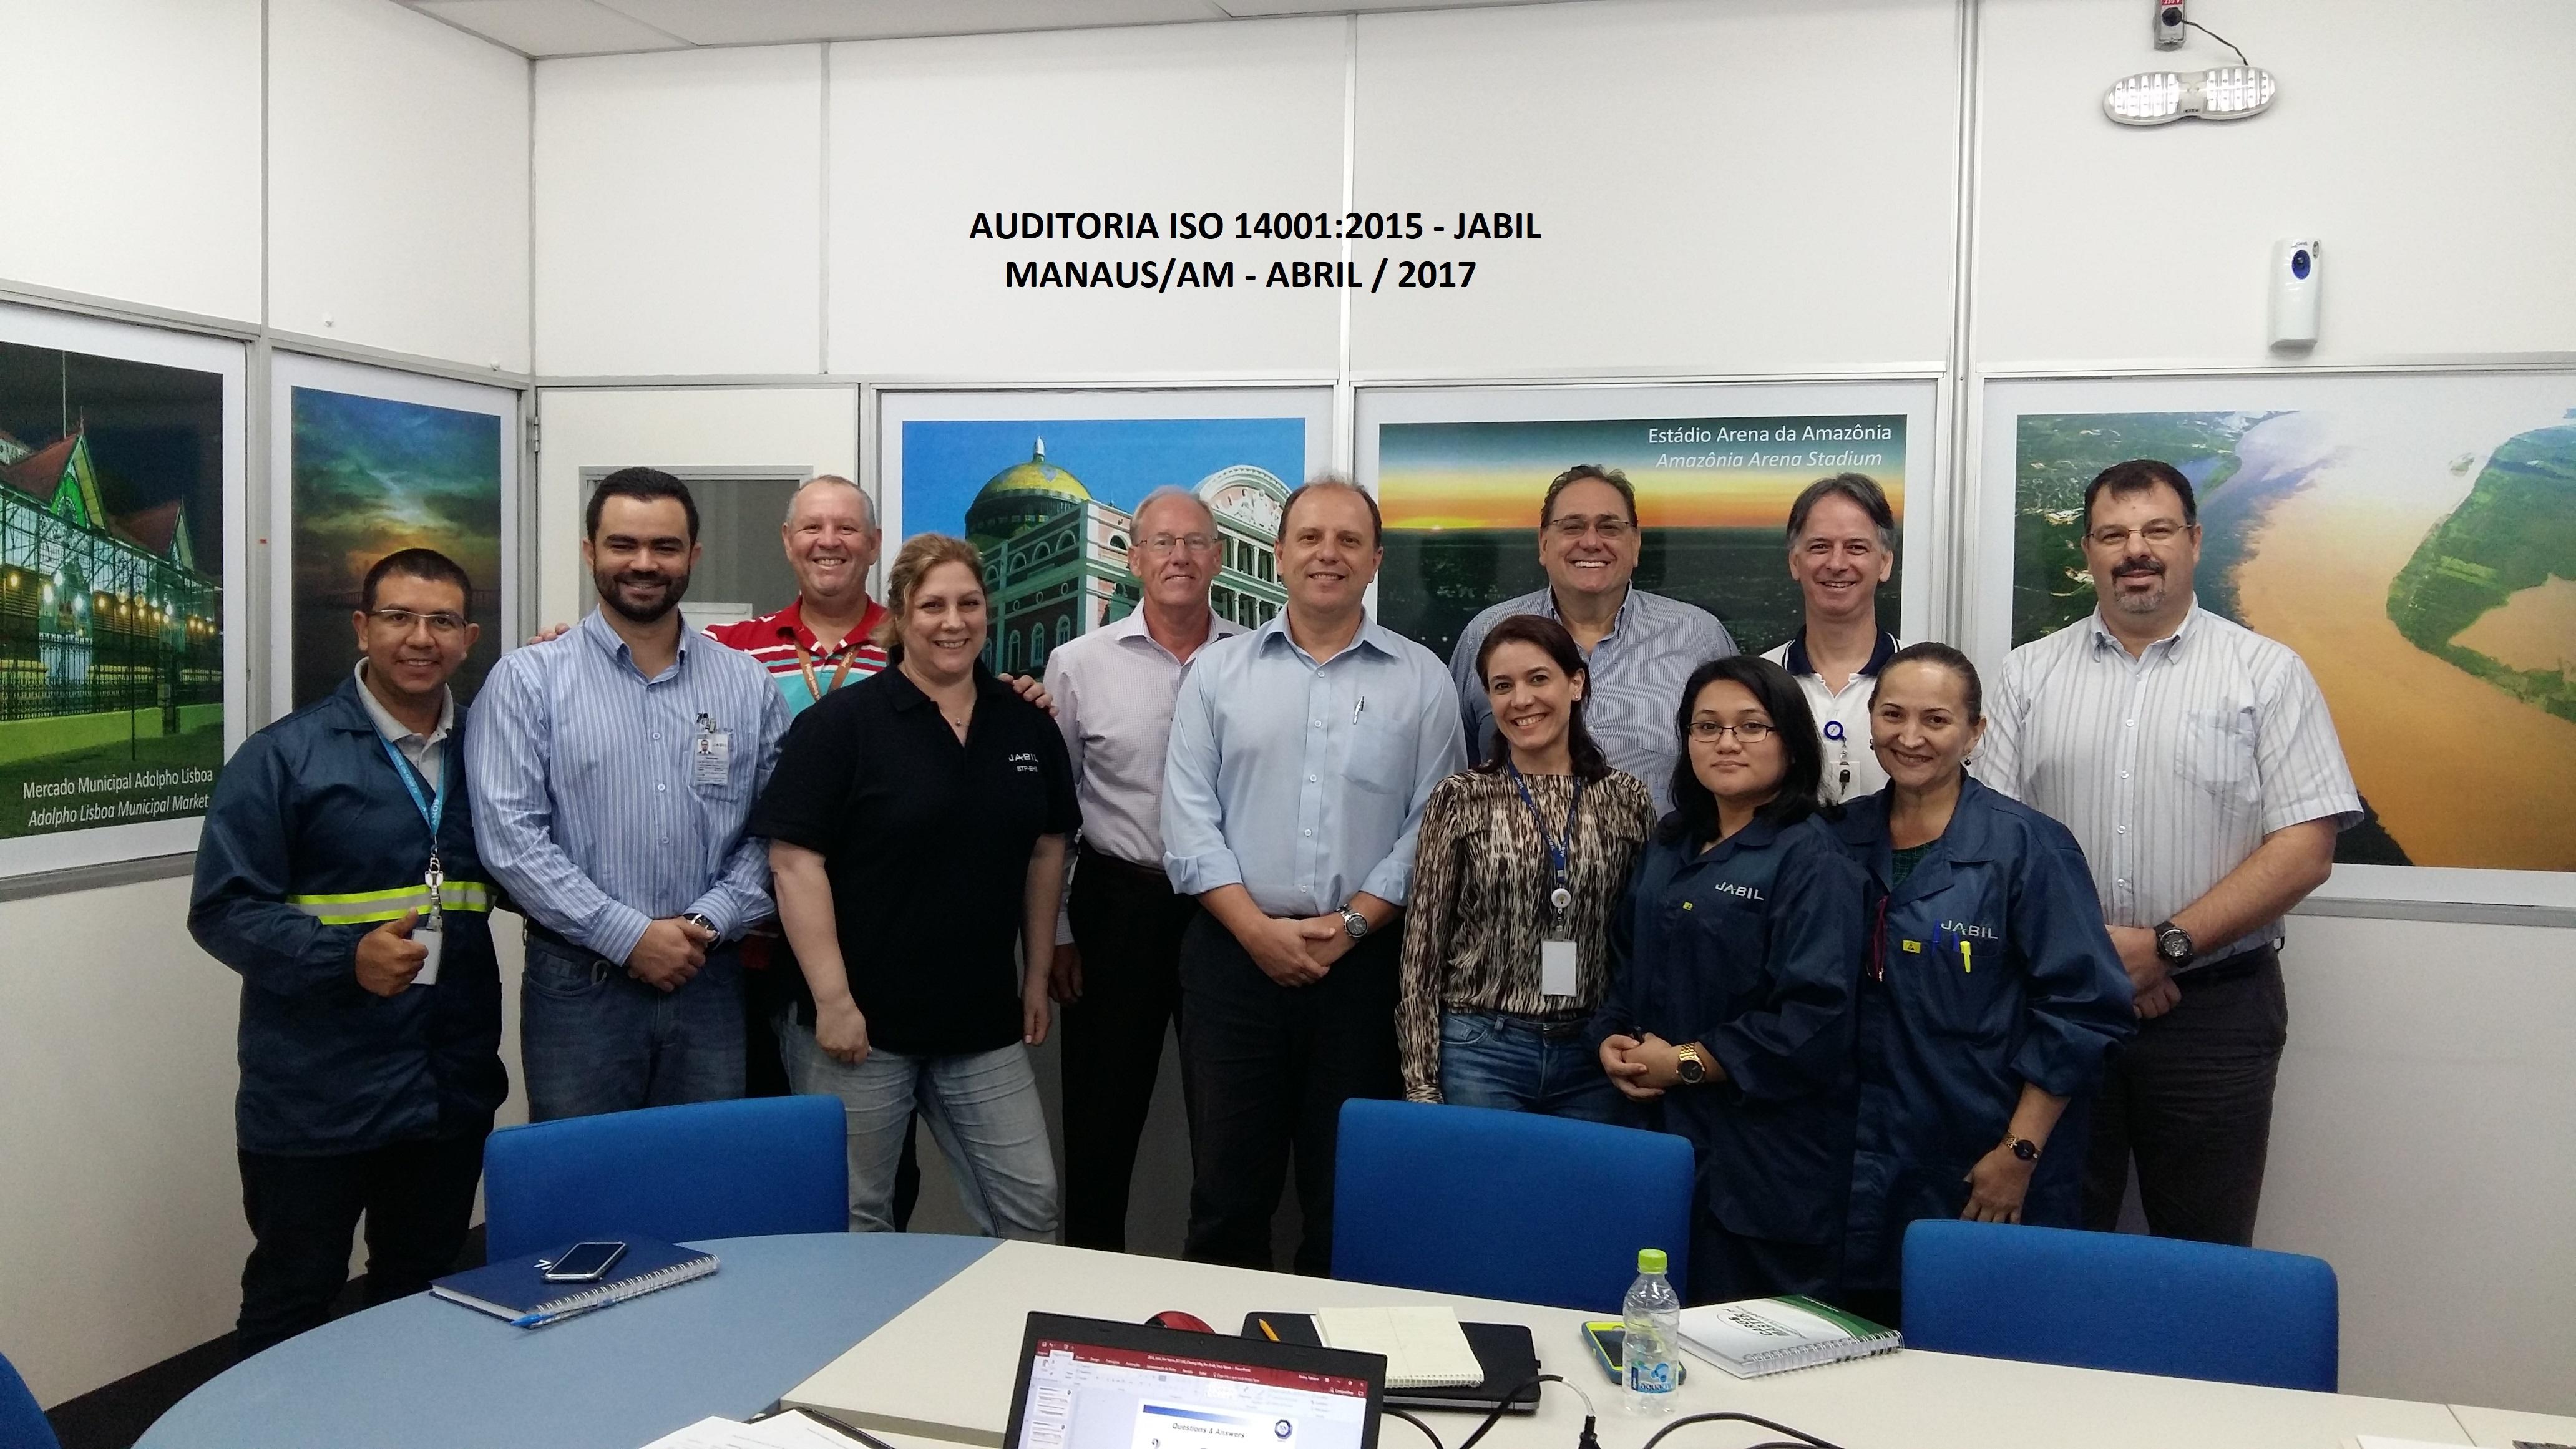 Auditoria Jabil Manaus Abril 2017